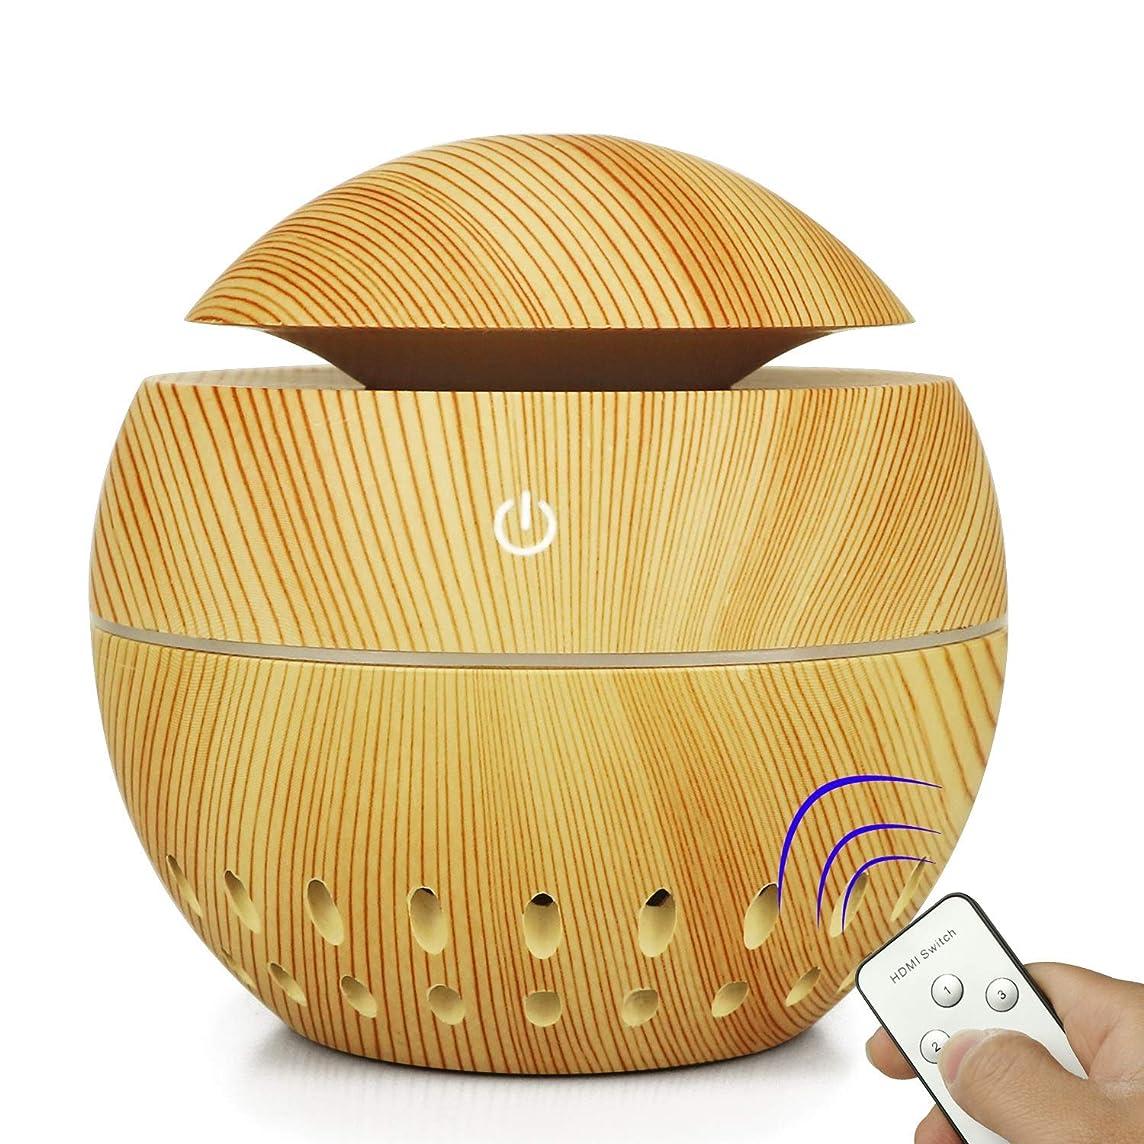 息切れご注意古風な加湿器USBウッドグレイン中空加湿器きのこ総本店小型家電 (Color : Brass, Size : 100MM*105MM)